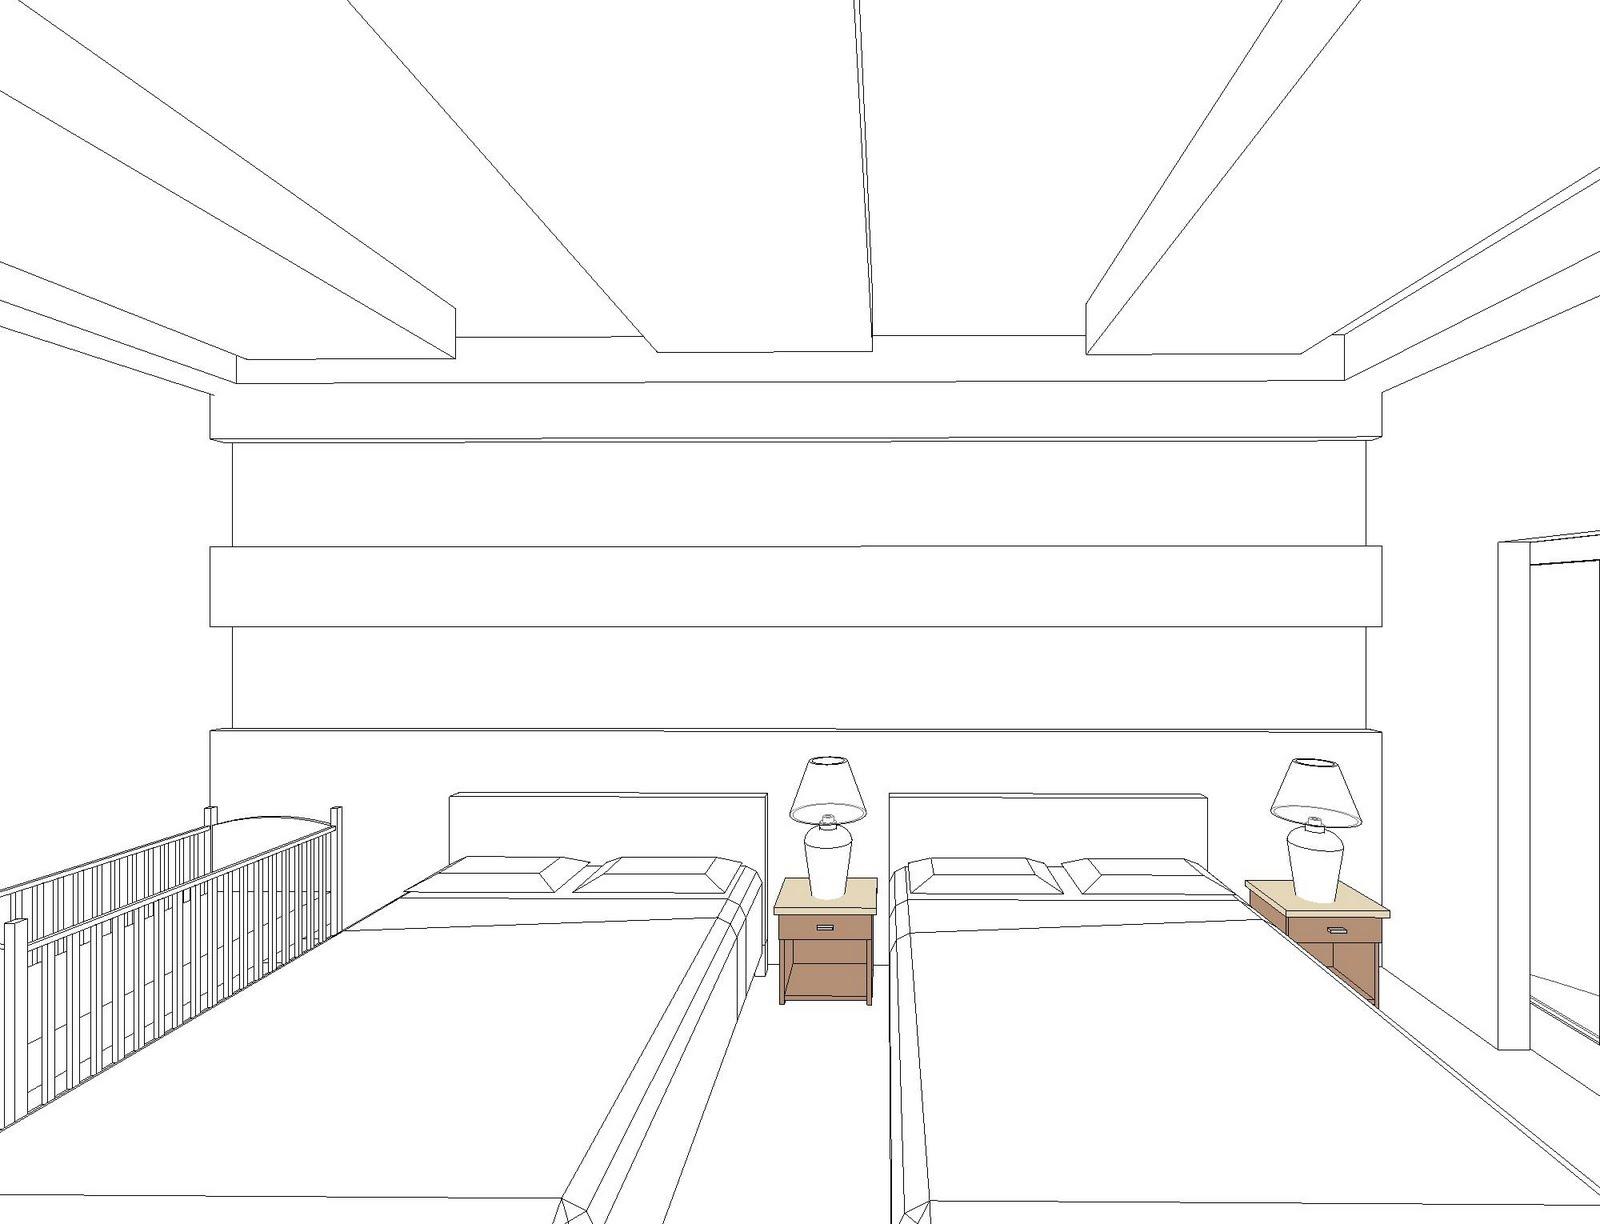 Interiores 3 dise o de interior de una habitacion de for Diseno de habitacion de hotel